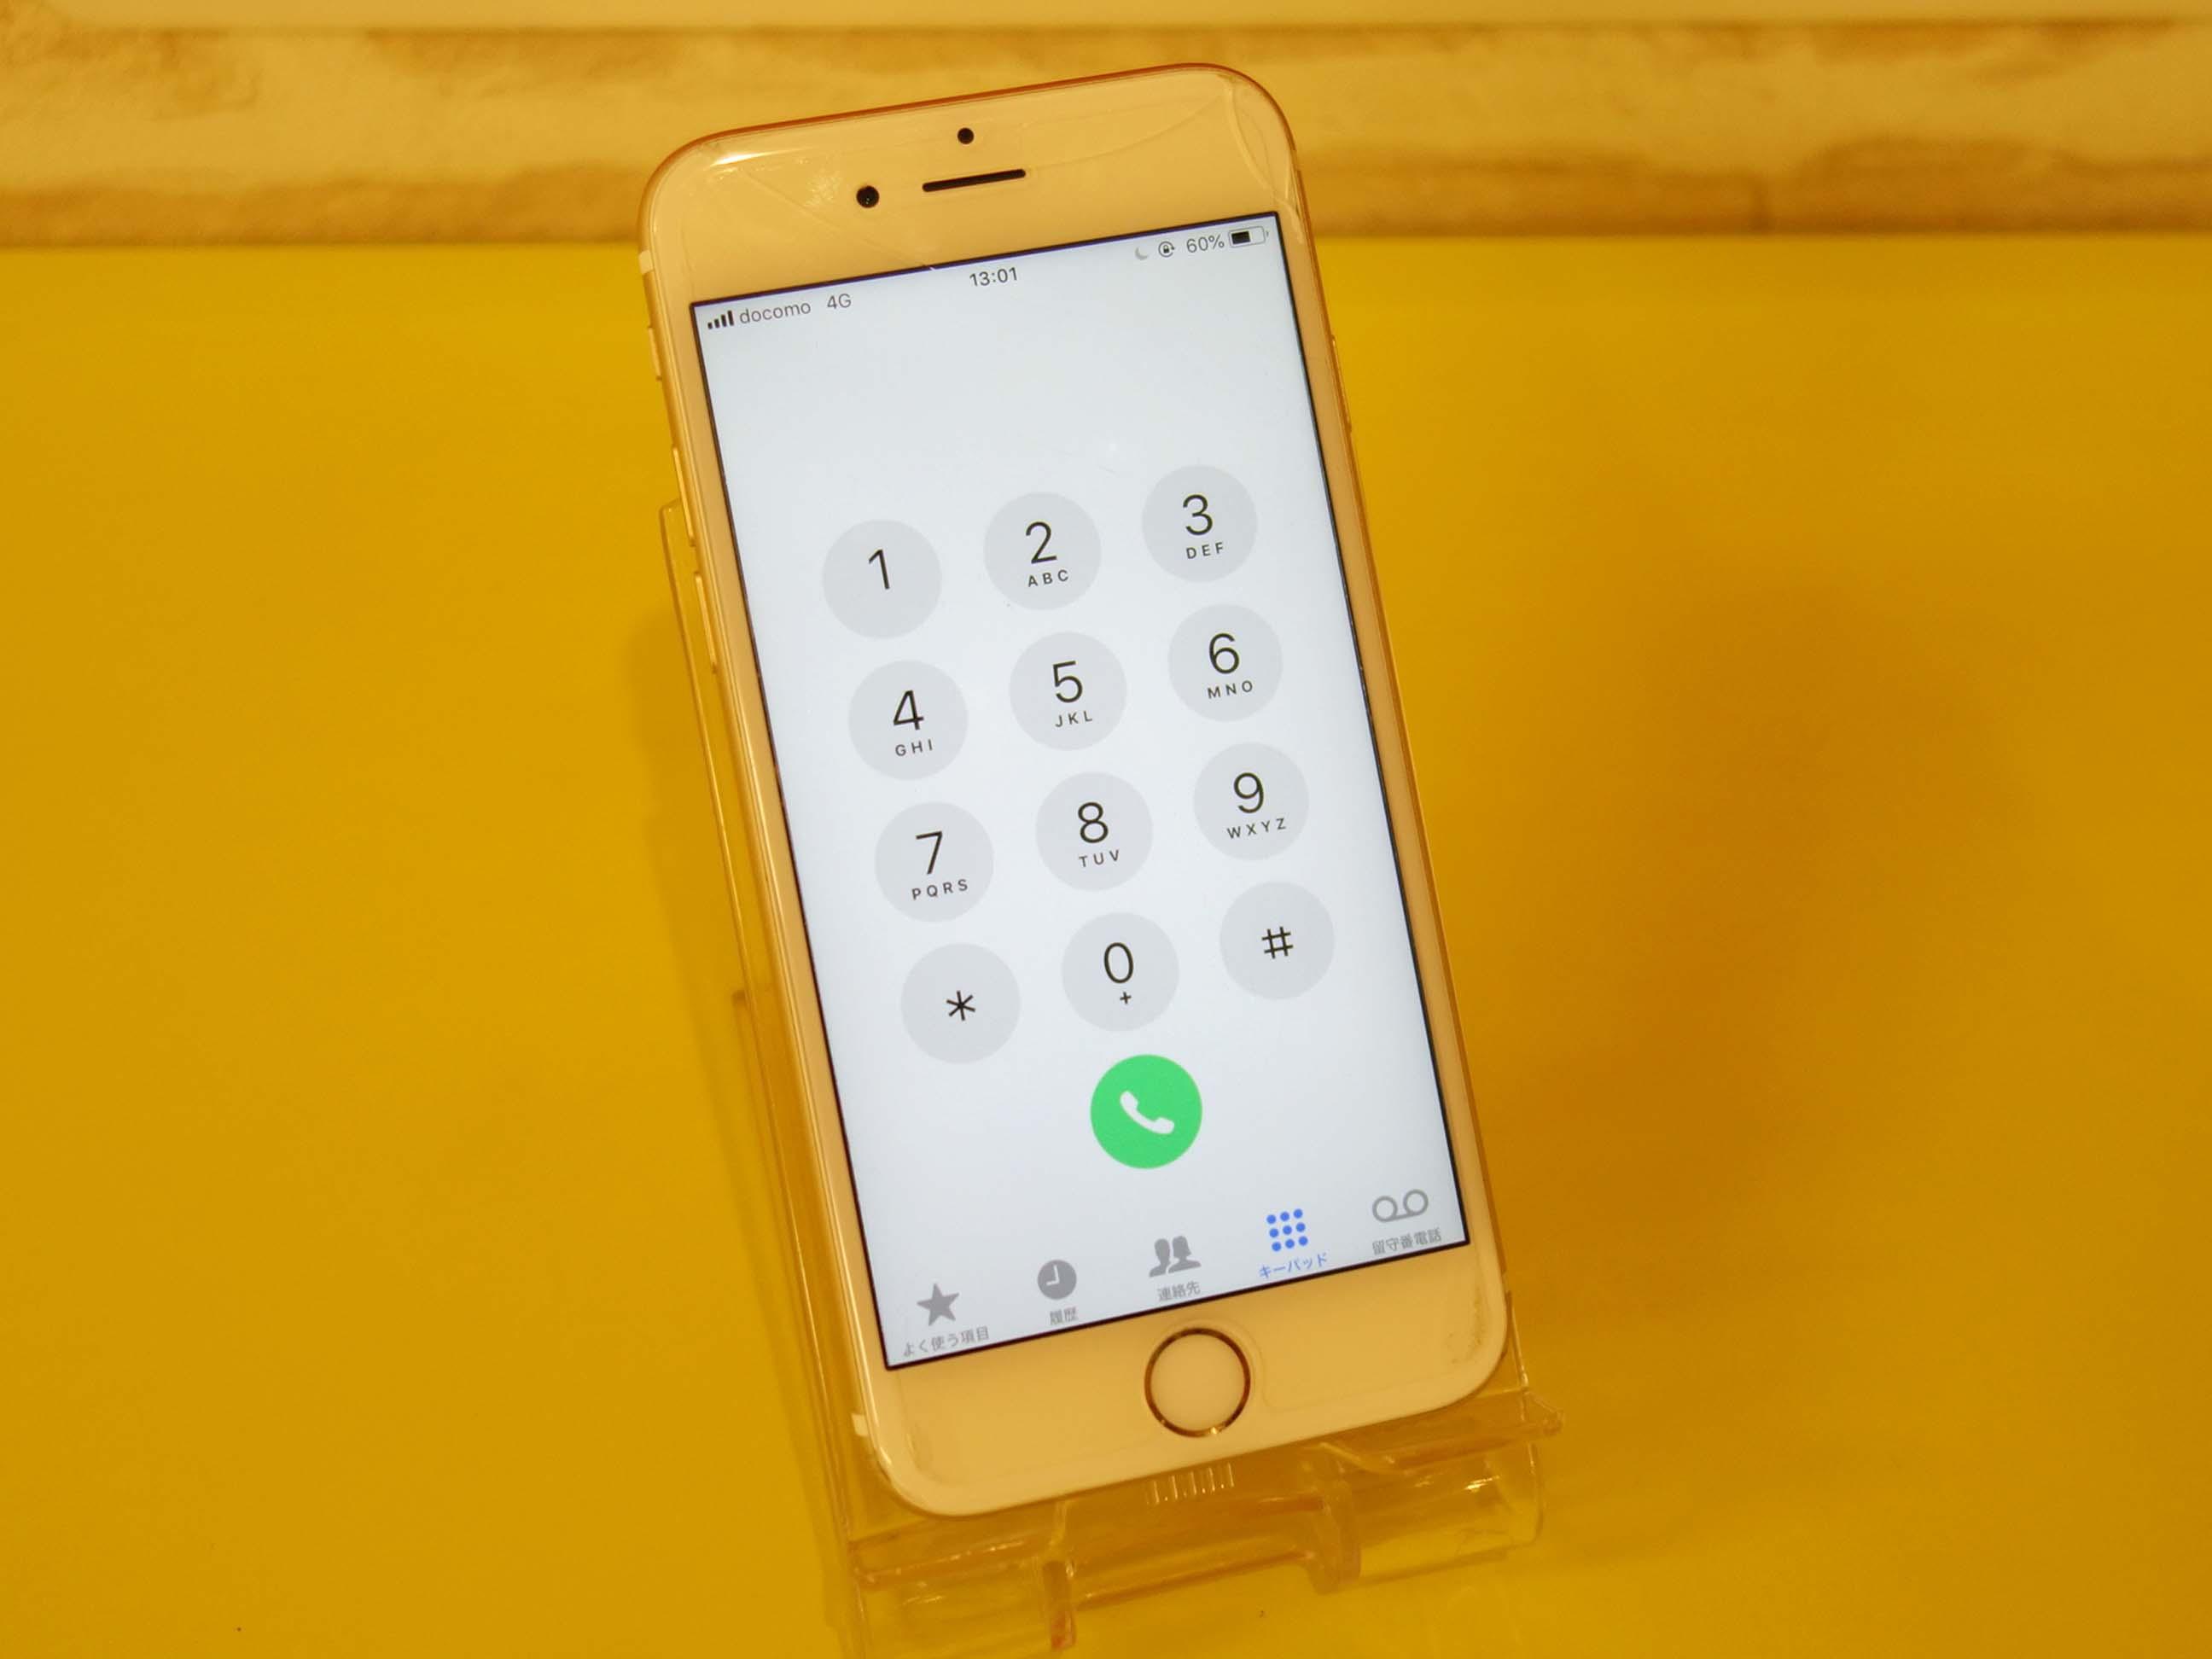 iPhone6Sのガラス割れ修理に名古屋市内よりご来店!アイフォン修理のクイック名古屋